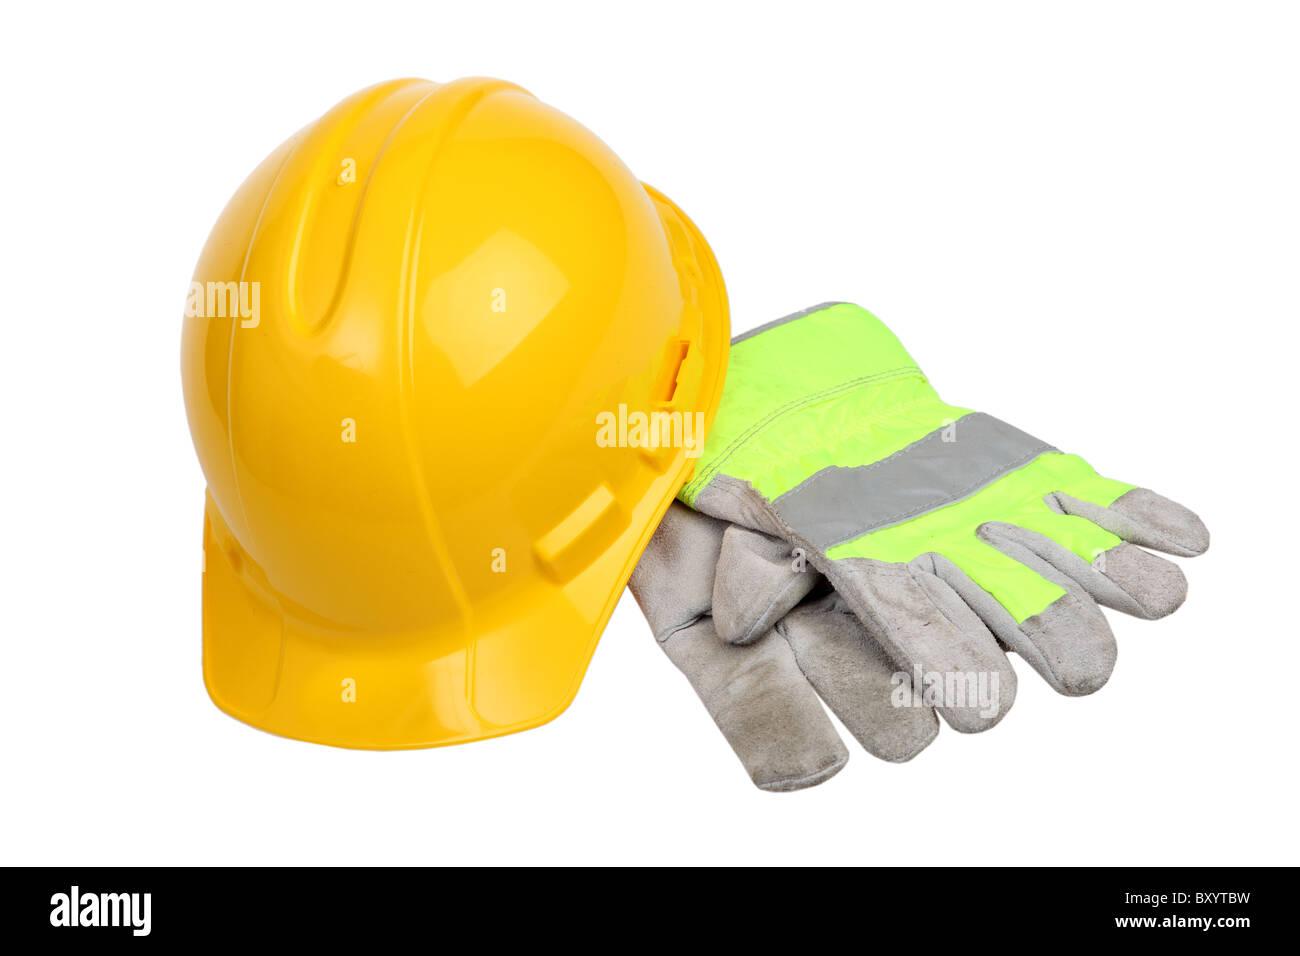 Costruzione di elmetto e guanti da lavoro su sfondo bianco Immagini Stock